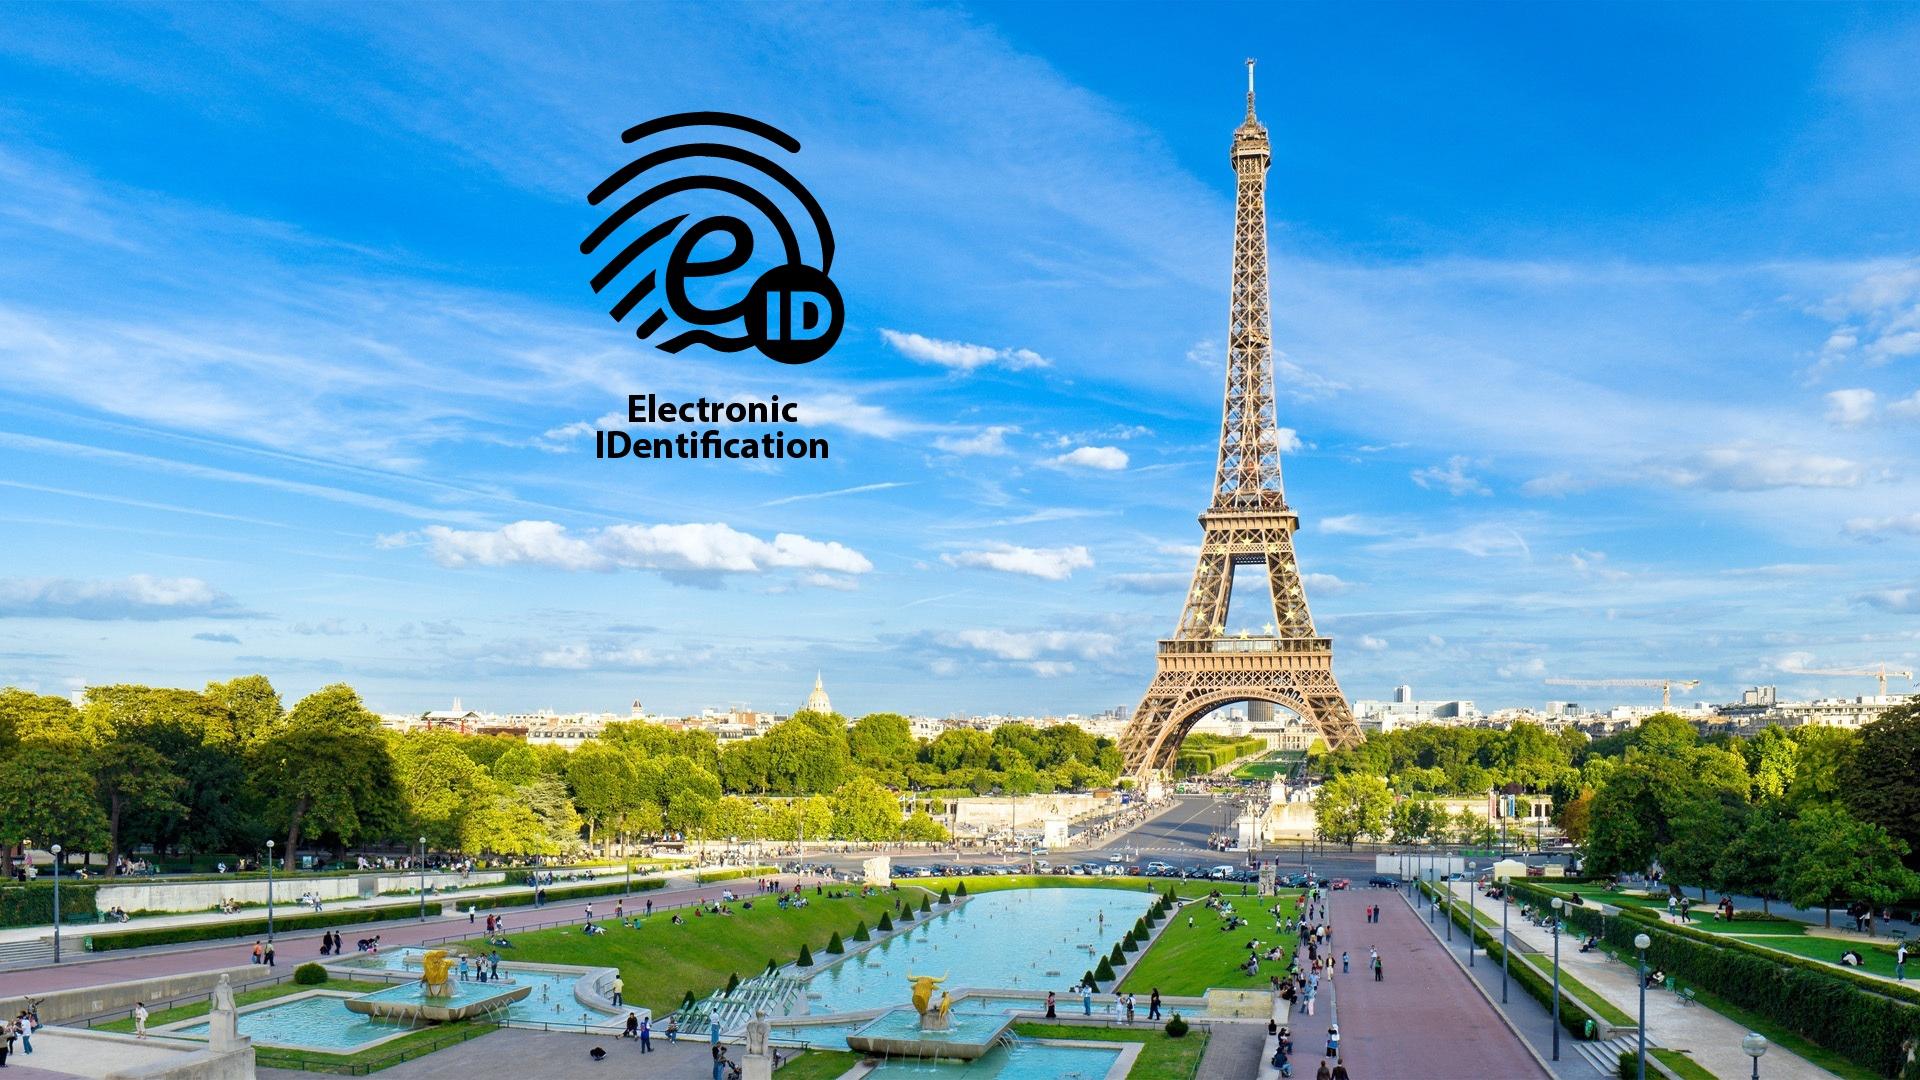 La solución de Video IDentificación presente en el ParisFintech Forum